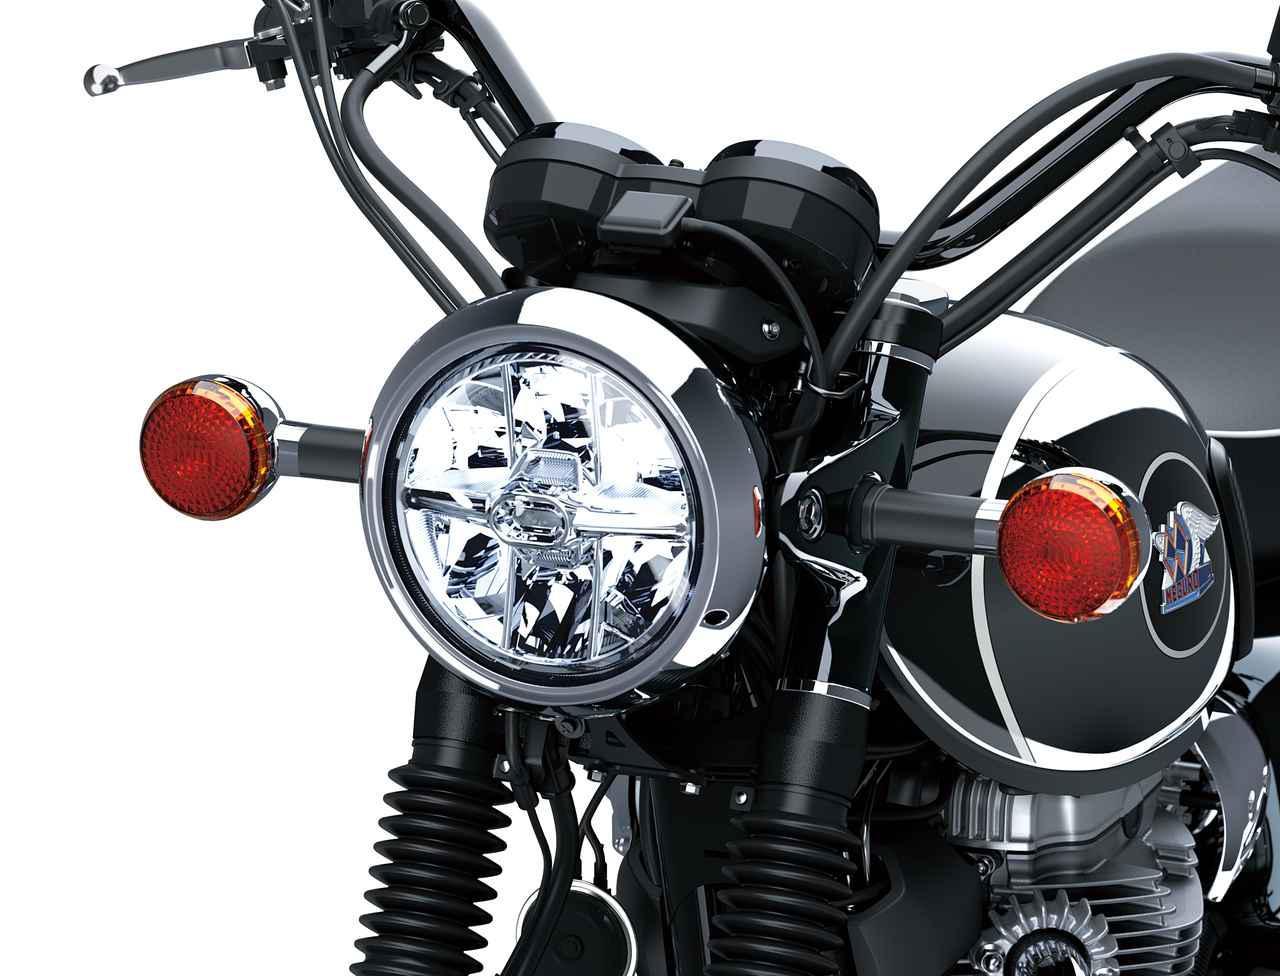 画像: カワサキが「メグロK3」の2022年モデルを発表 - webオートバイ